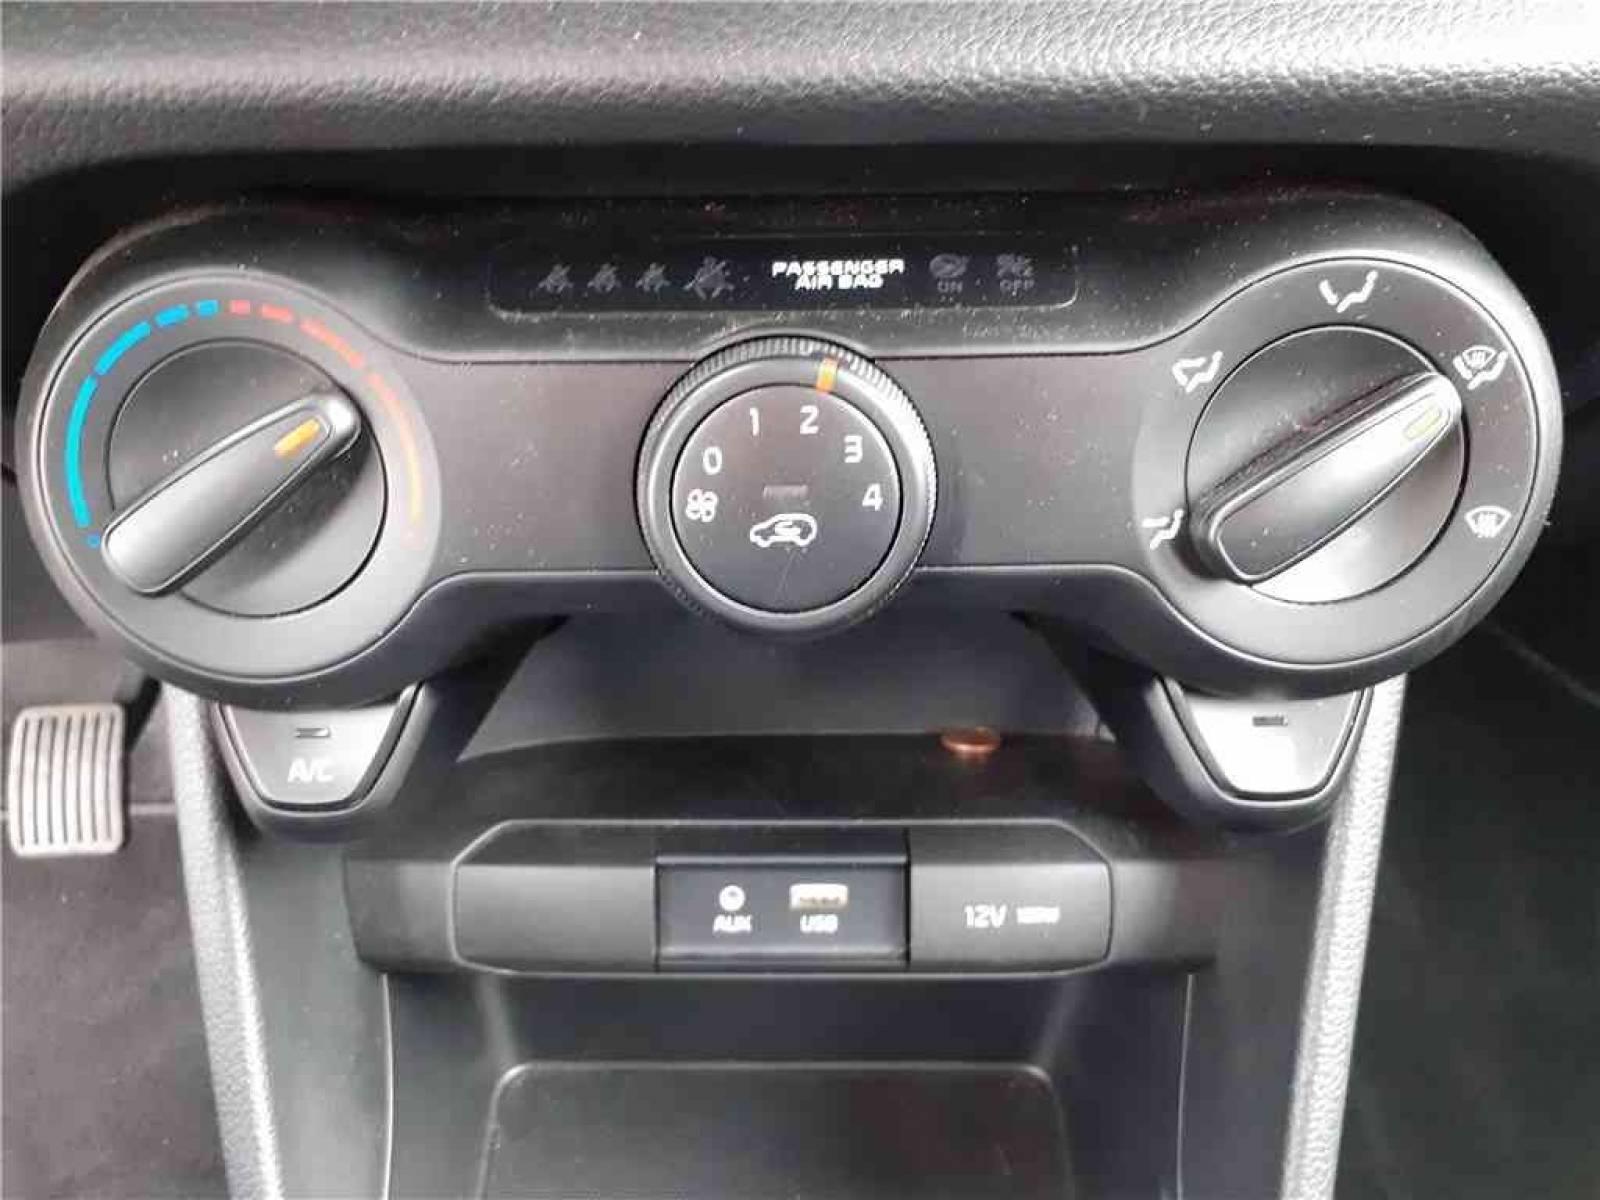 KIA Picanto 1.0 essence MPi 67 ch BVM5 - véhicule d'occasion - Groupe Guillet - Hall de l'automobile - Montceau les Mines - 71300 - Montceau-les-Mines - 9